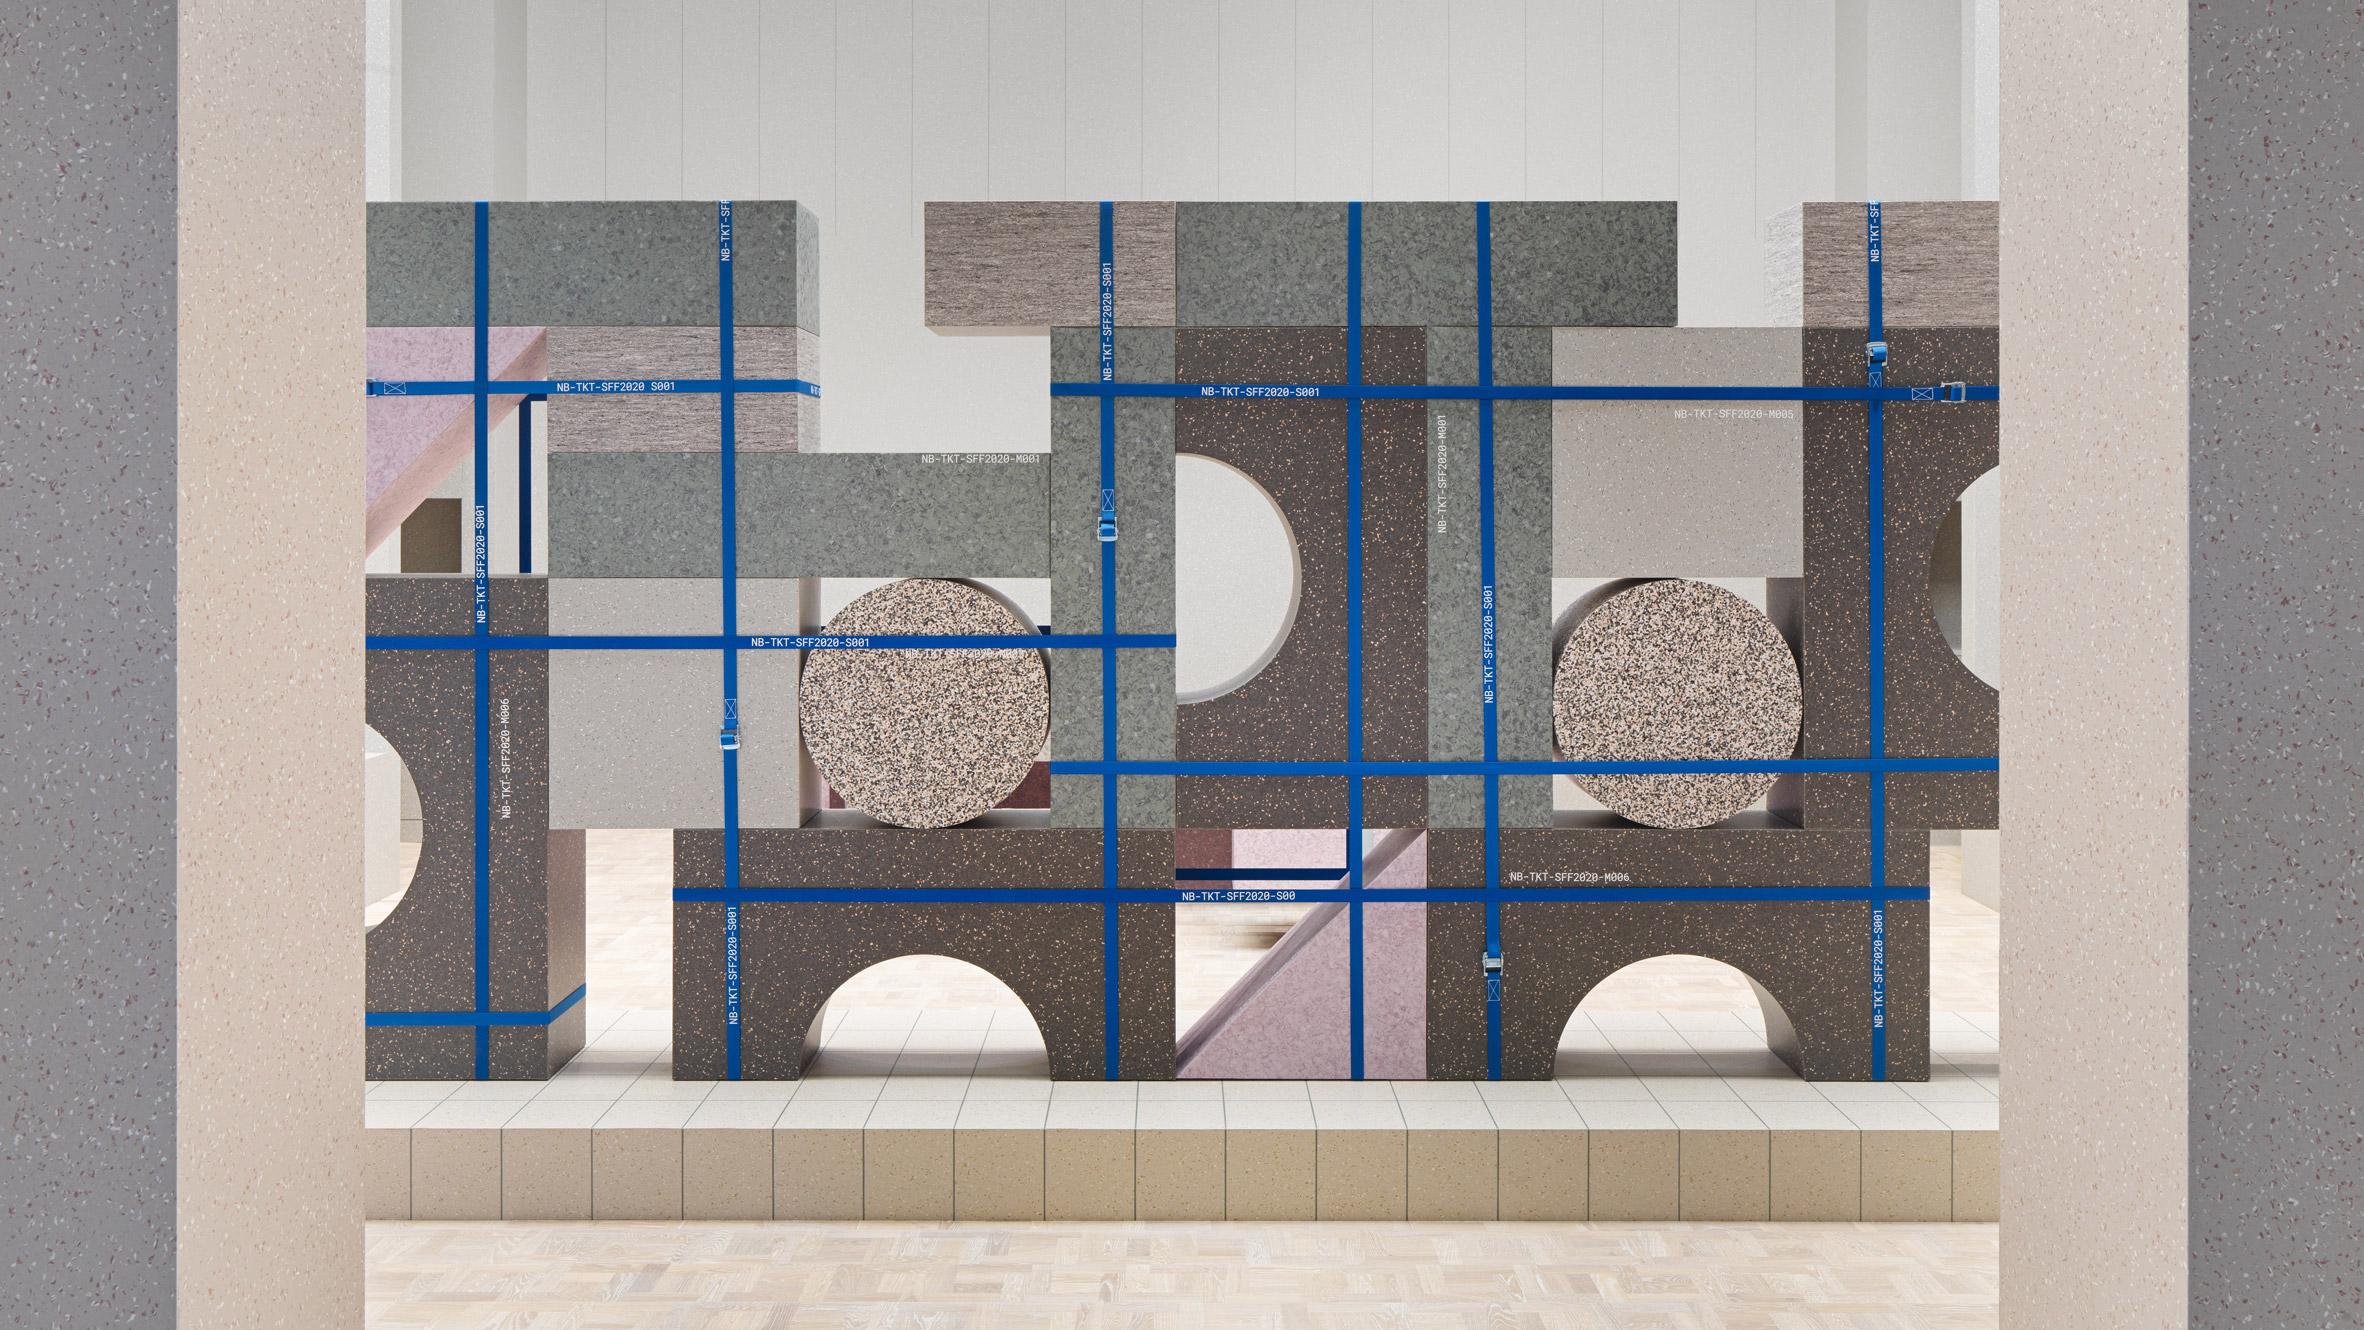 Tarkett exhibition stand by Note Design Studio